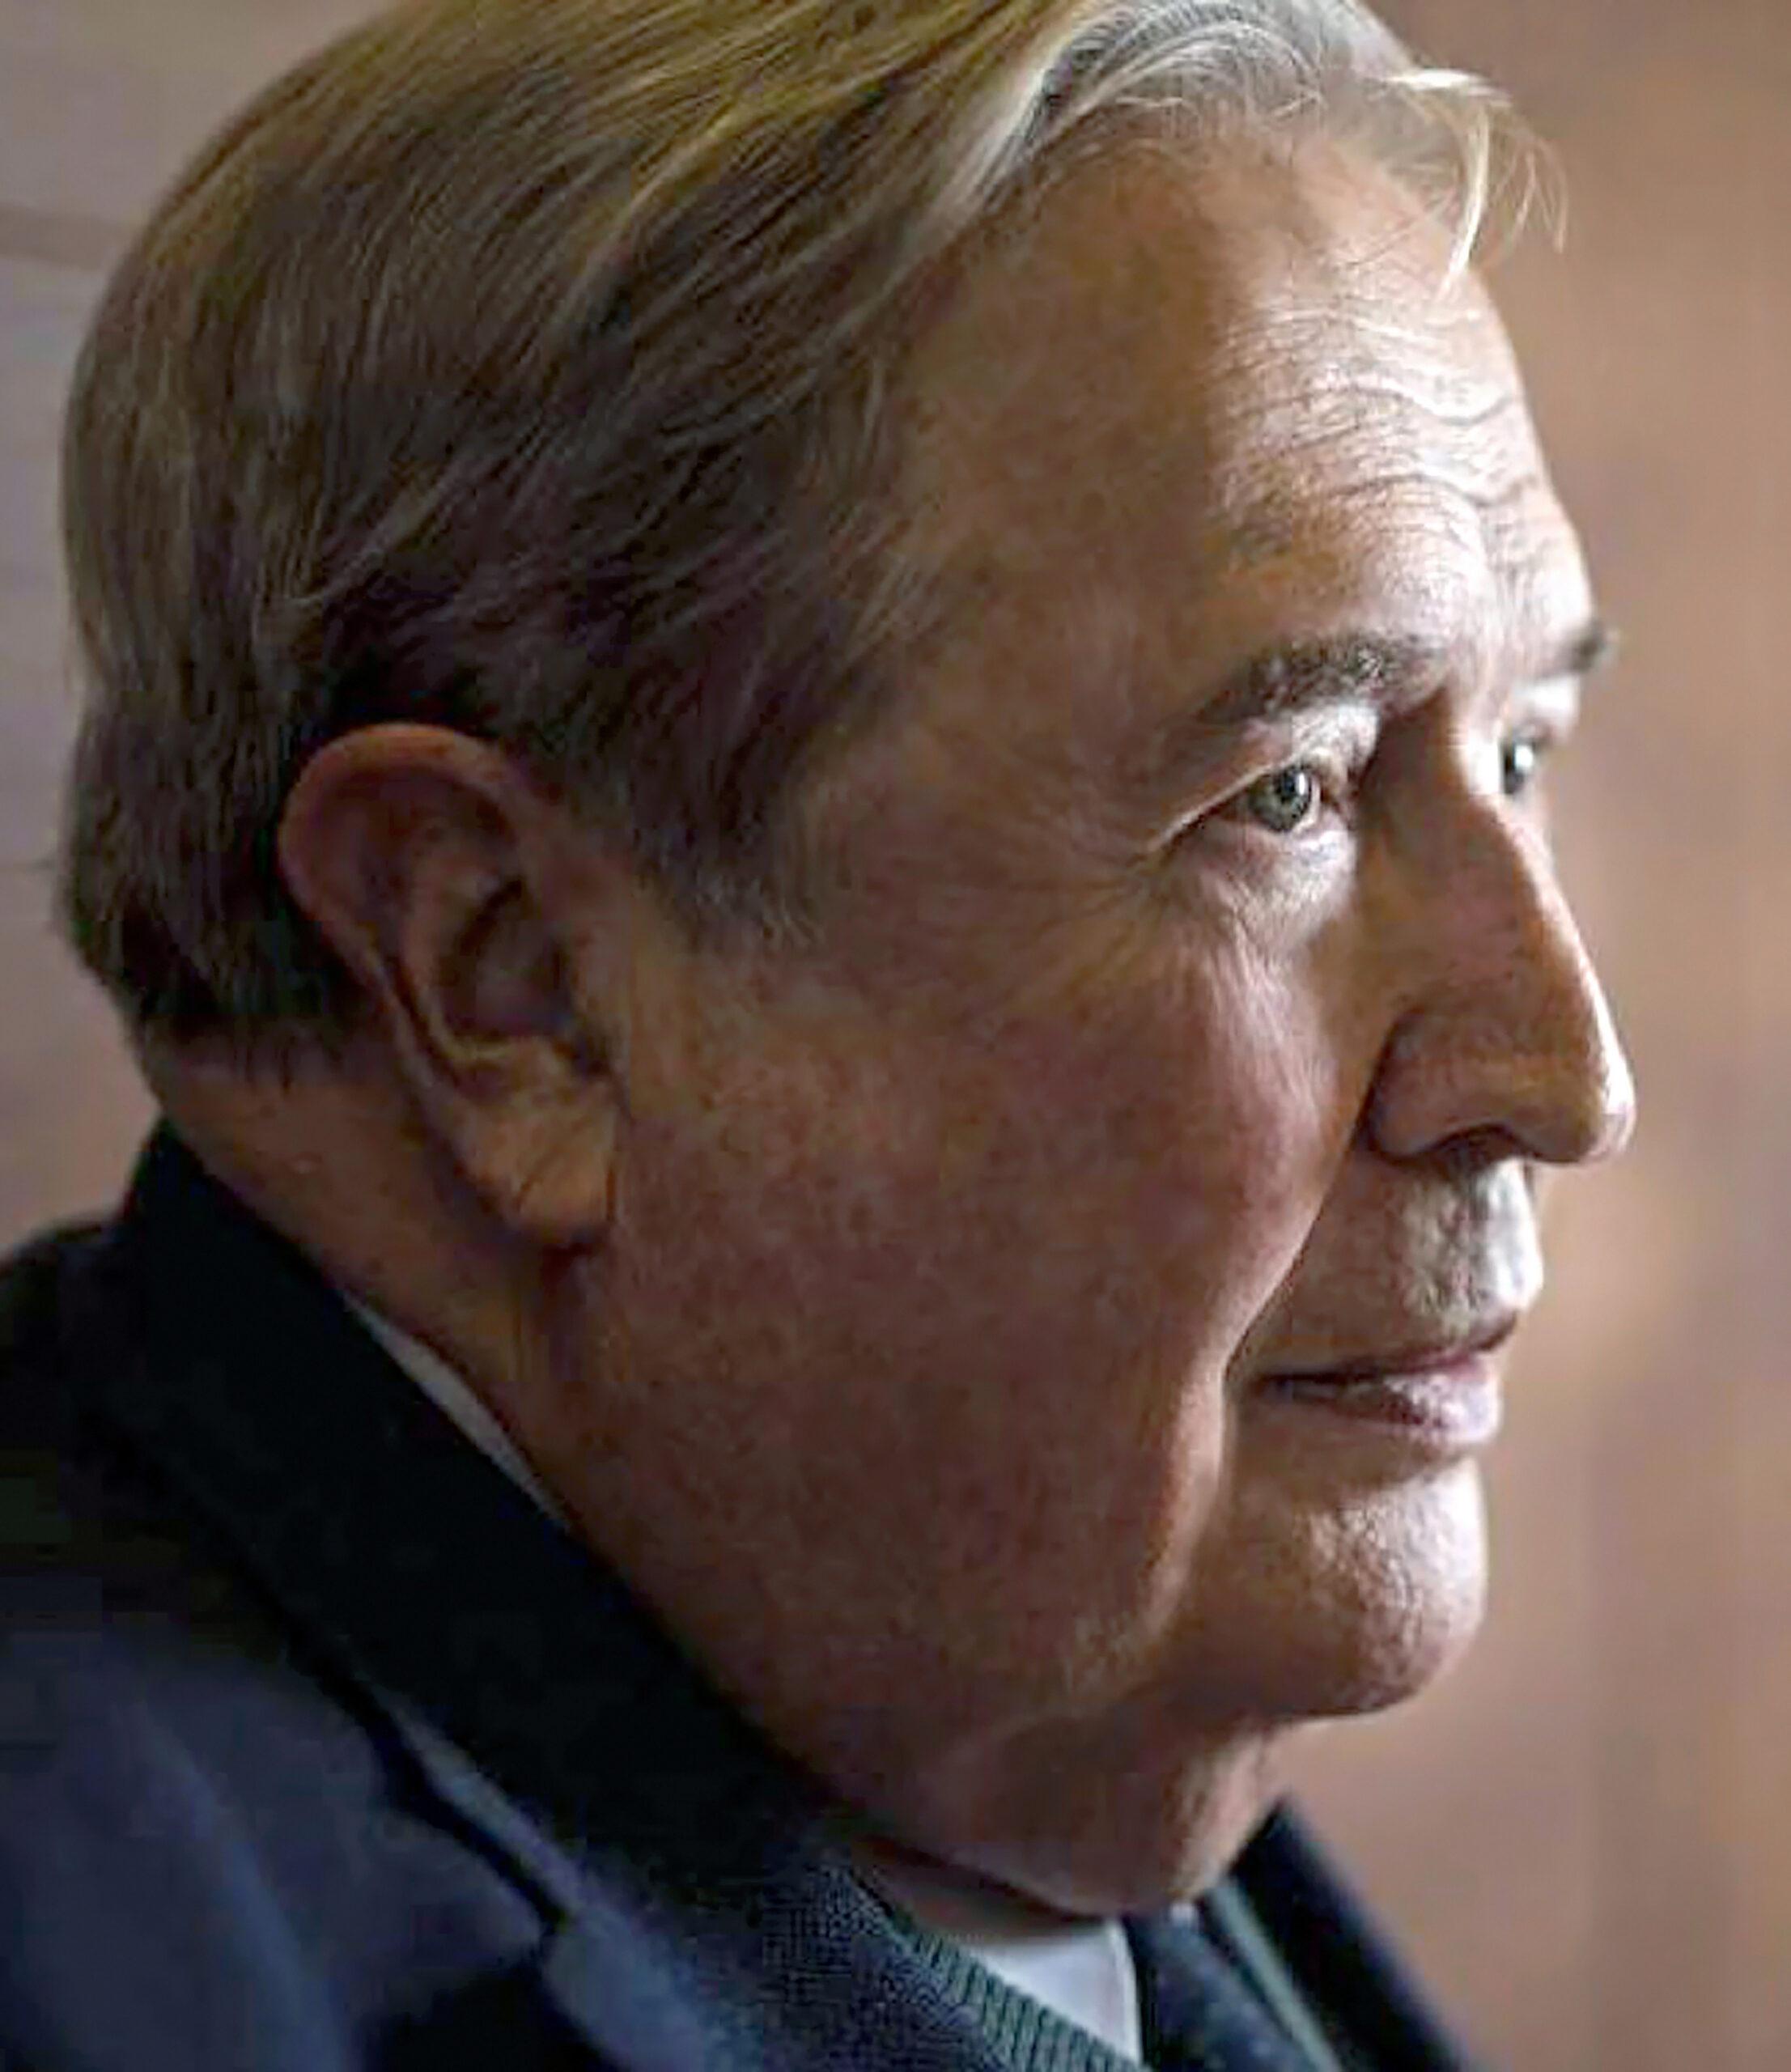 Jerónimo Saavedra Acevedo evocará los inicios artísticos y posterior carrera internacional de Alfredo Kraus a través de sus propios recuerdos